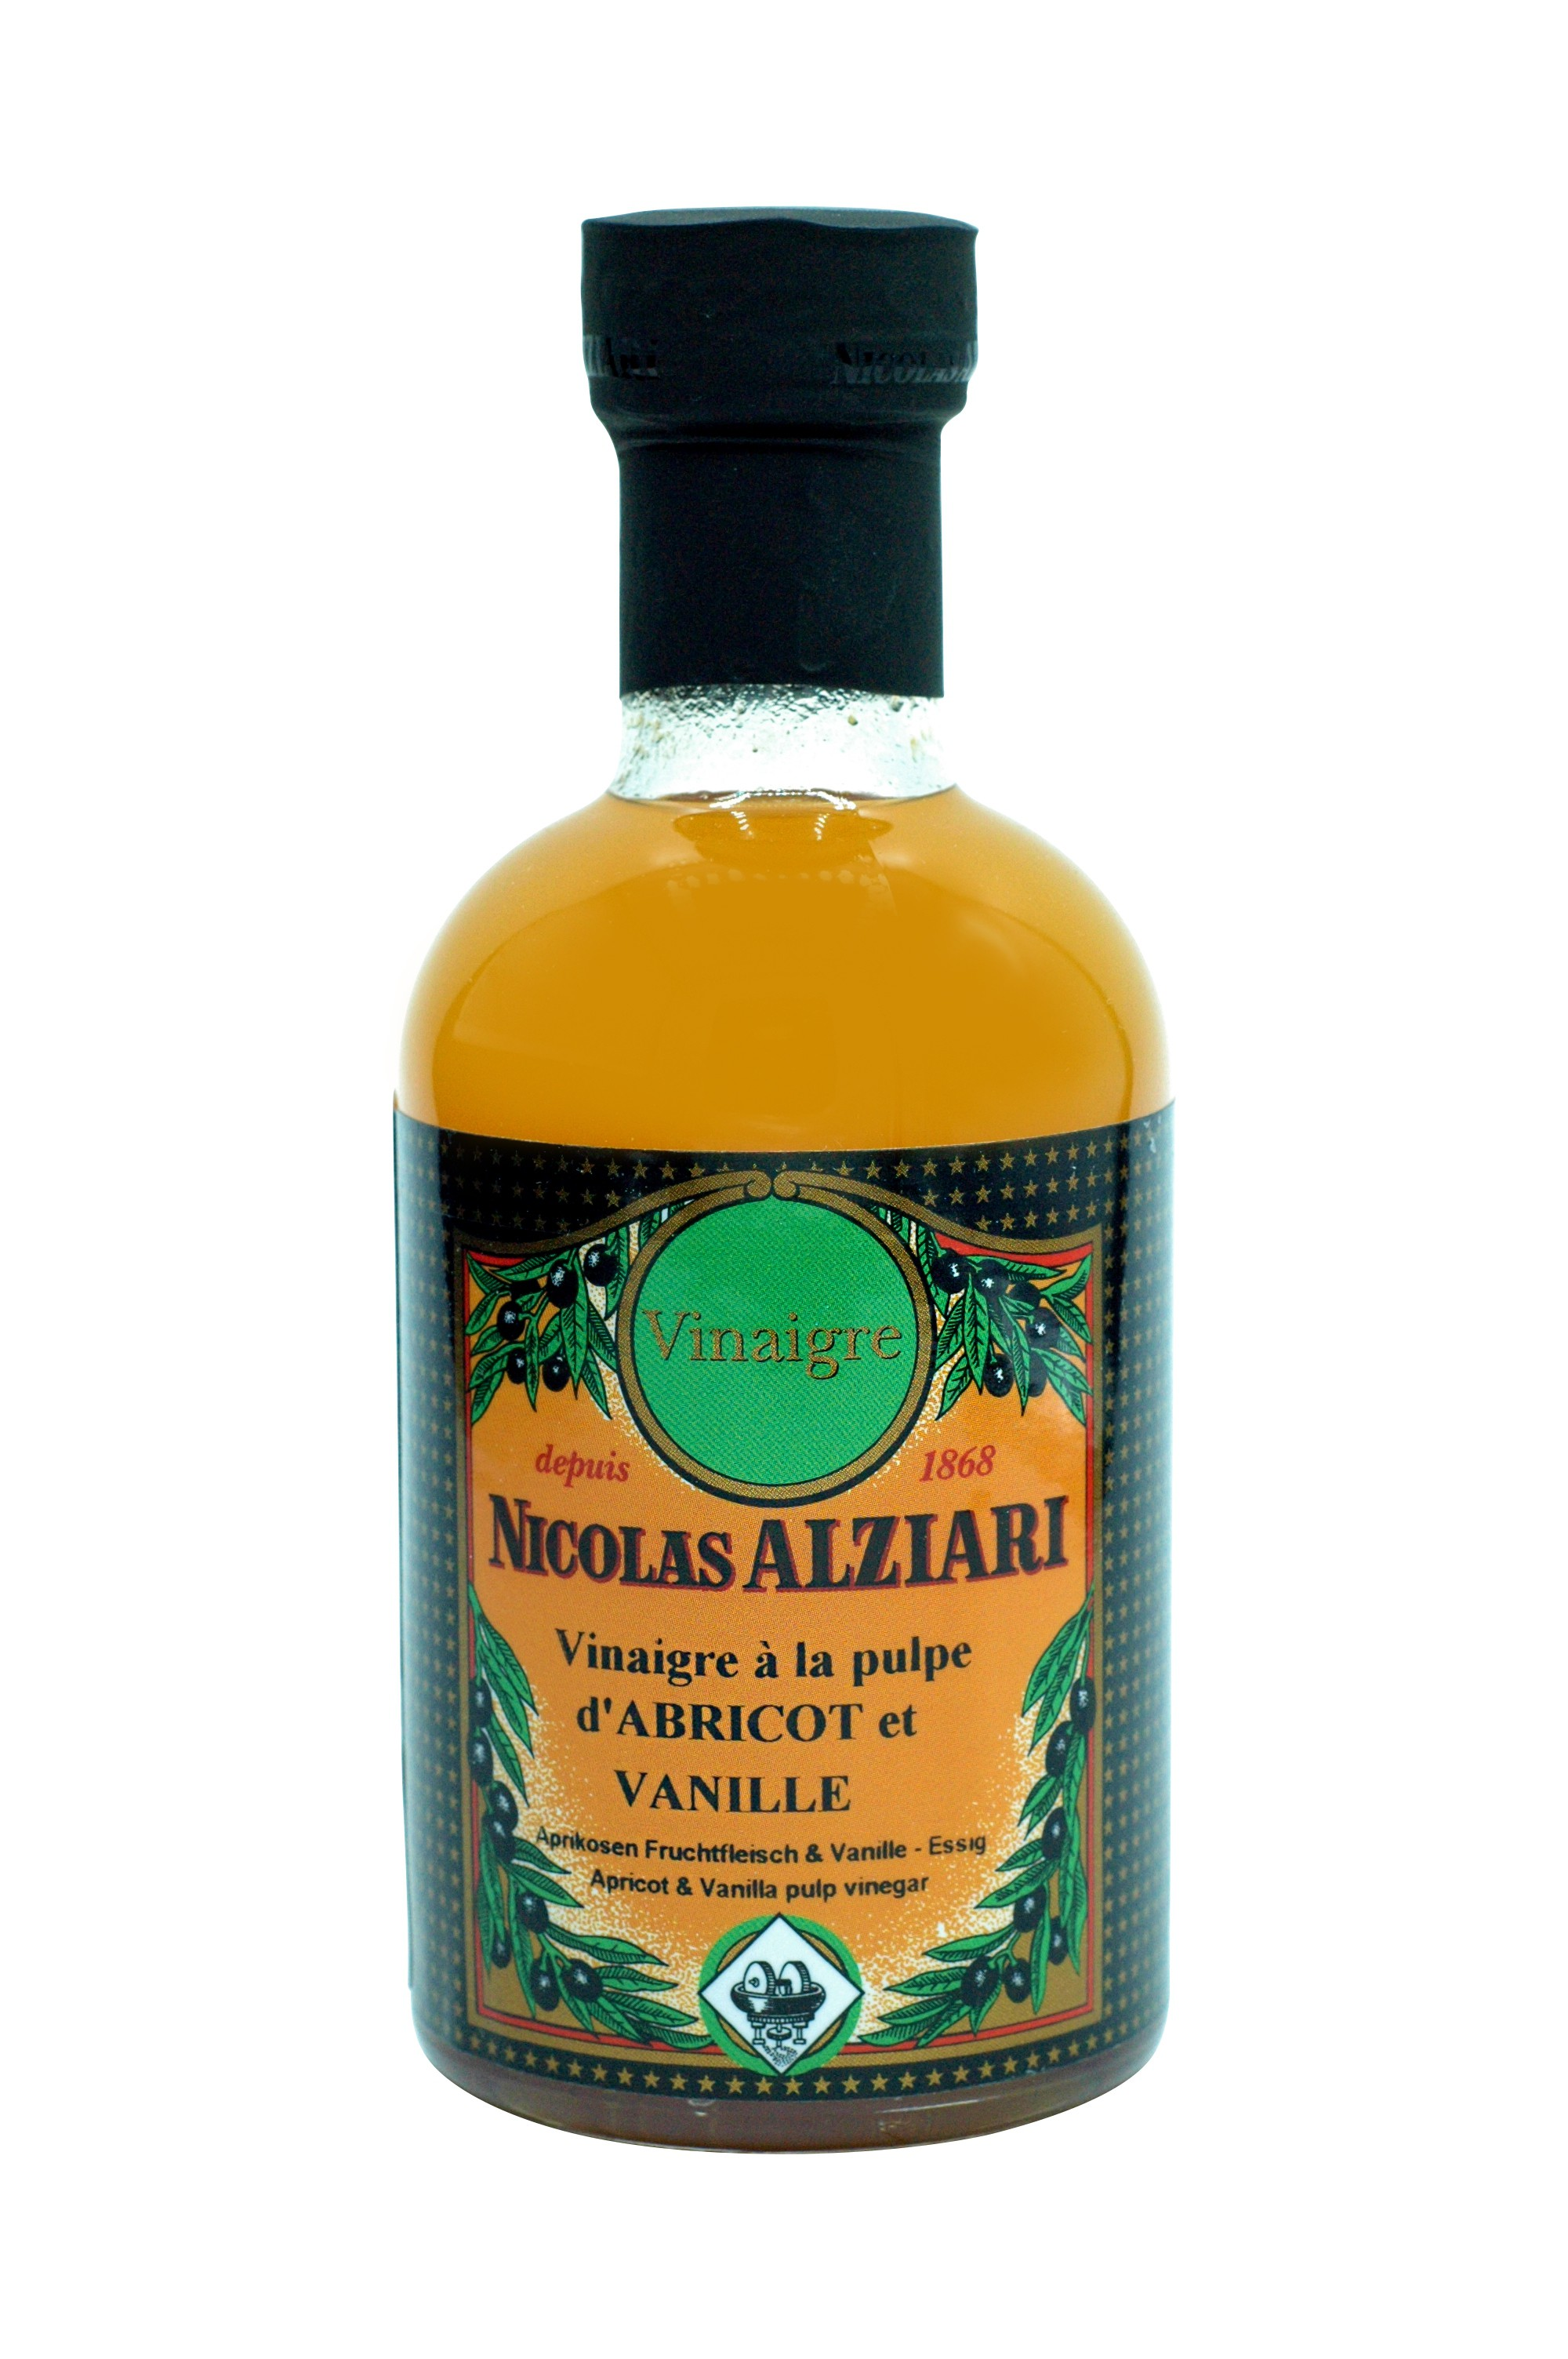 200 ml Flasche Aprikosen Fruchtfleisch & Vanille - Essig